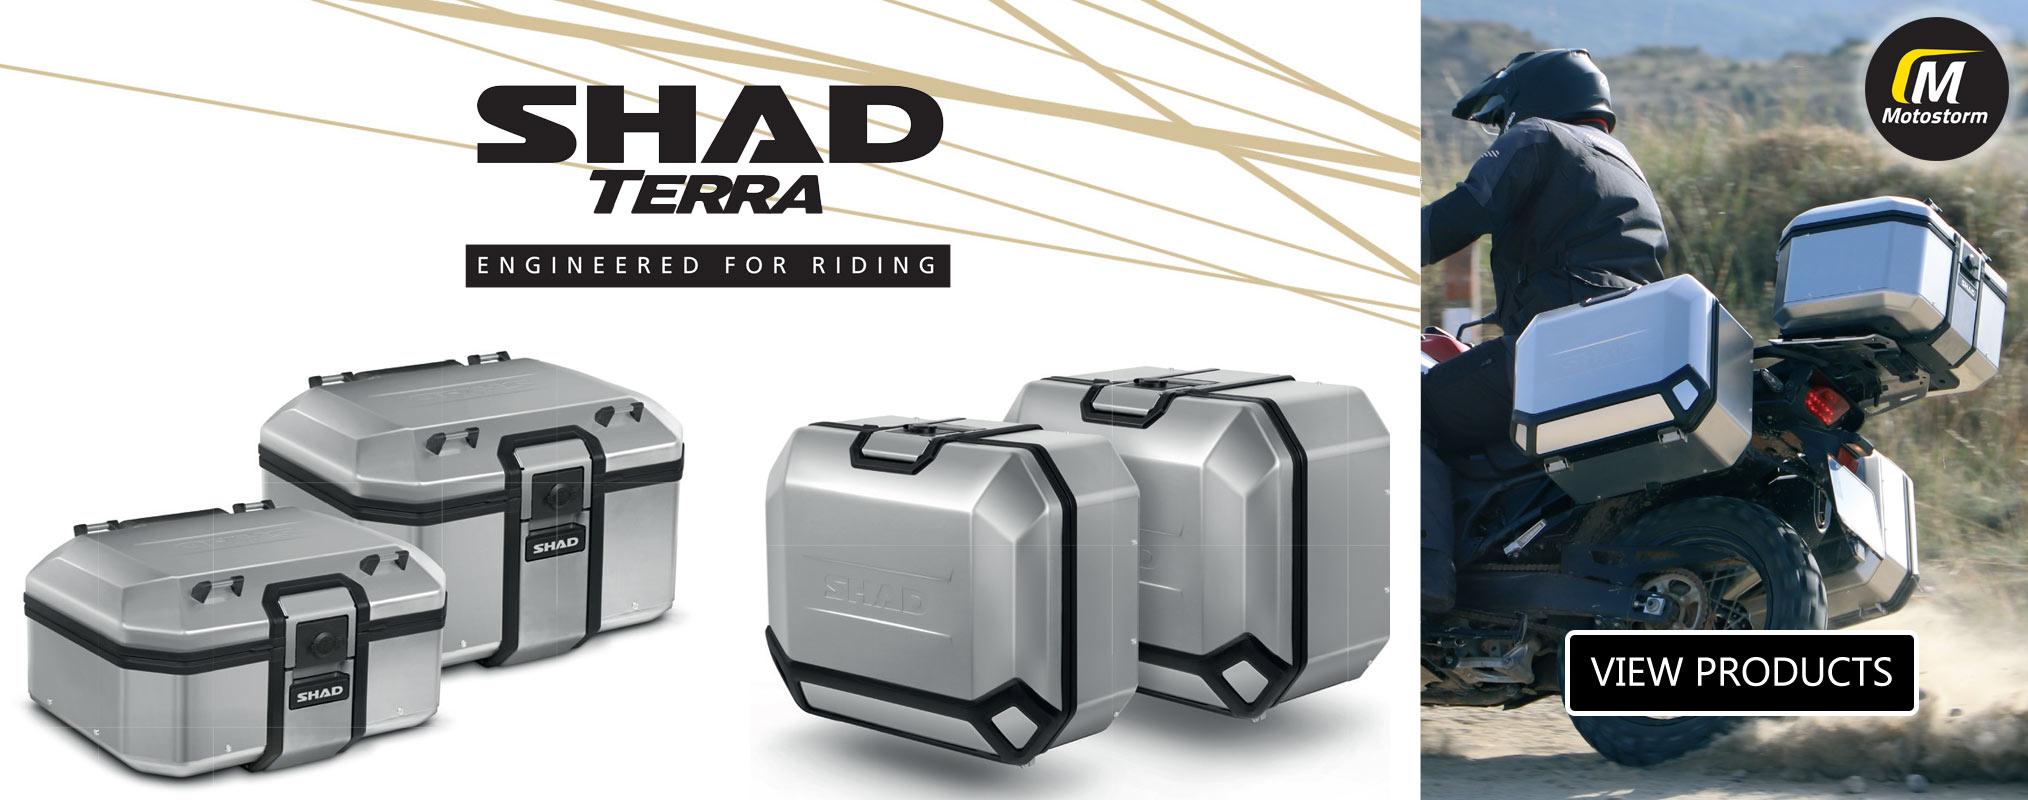 Shad Terra